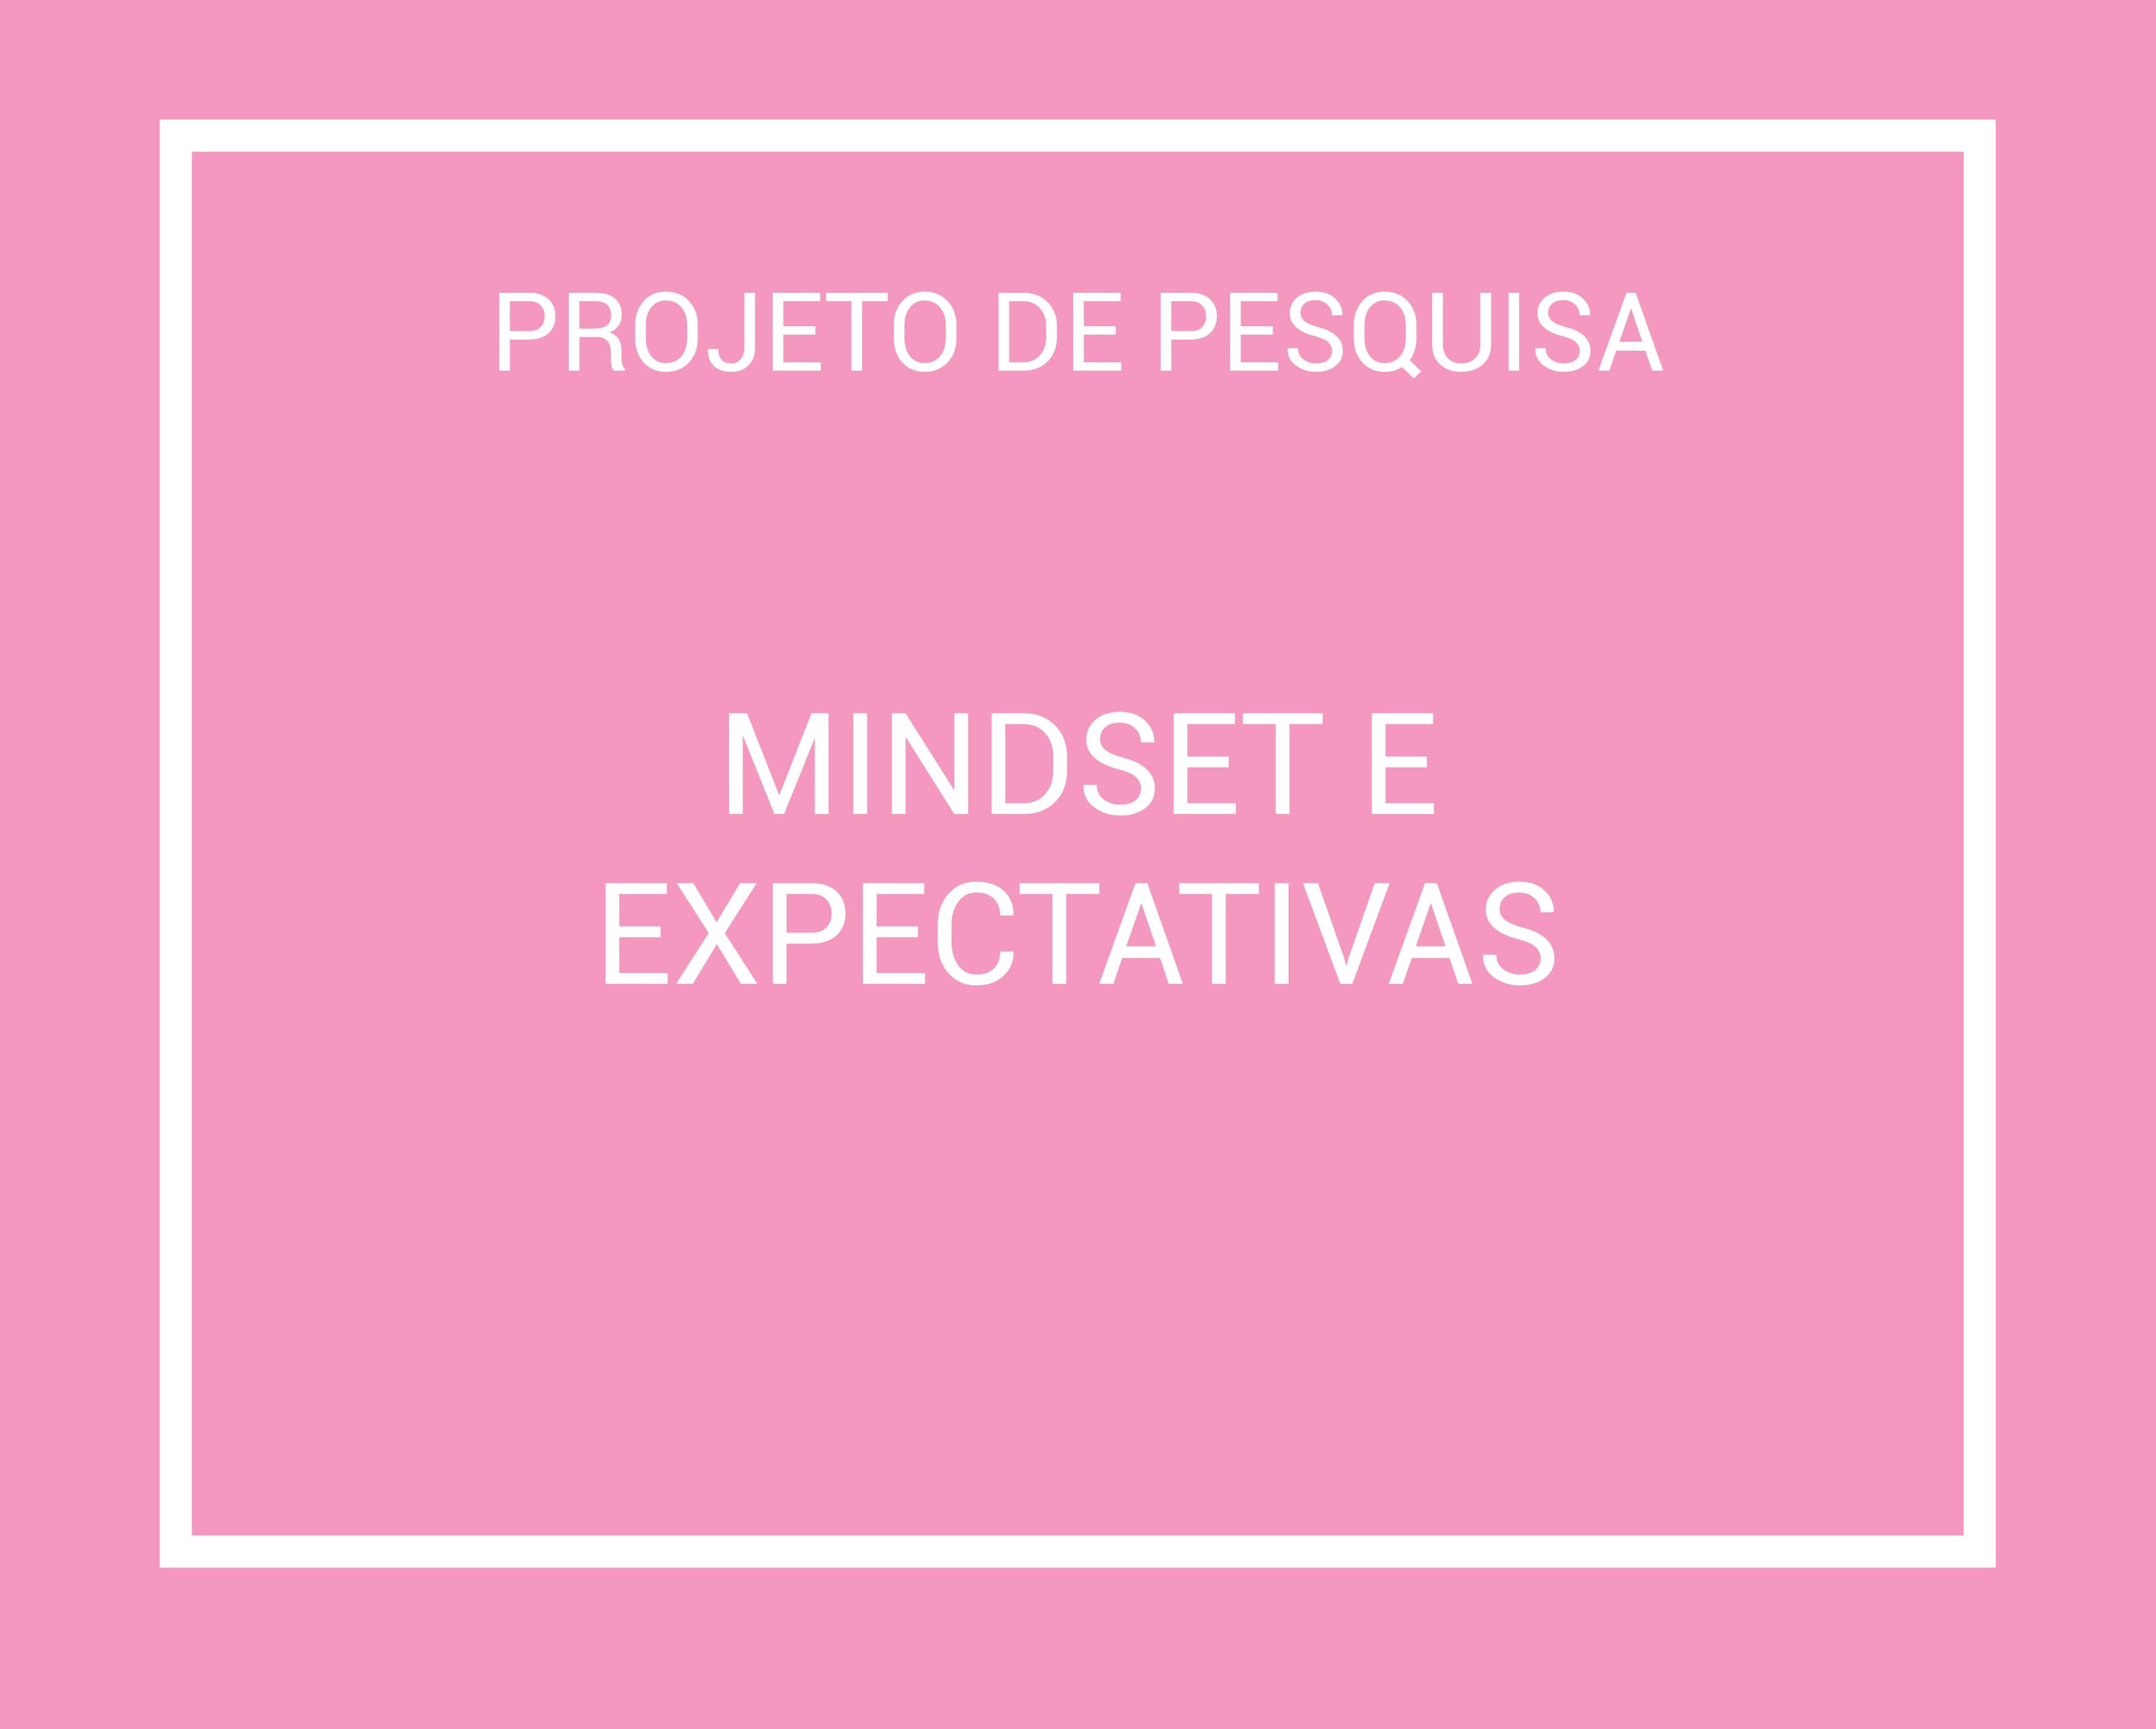 Mindset e Expectativas@10x